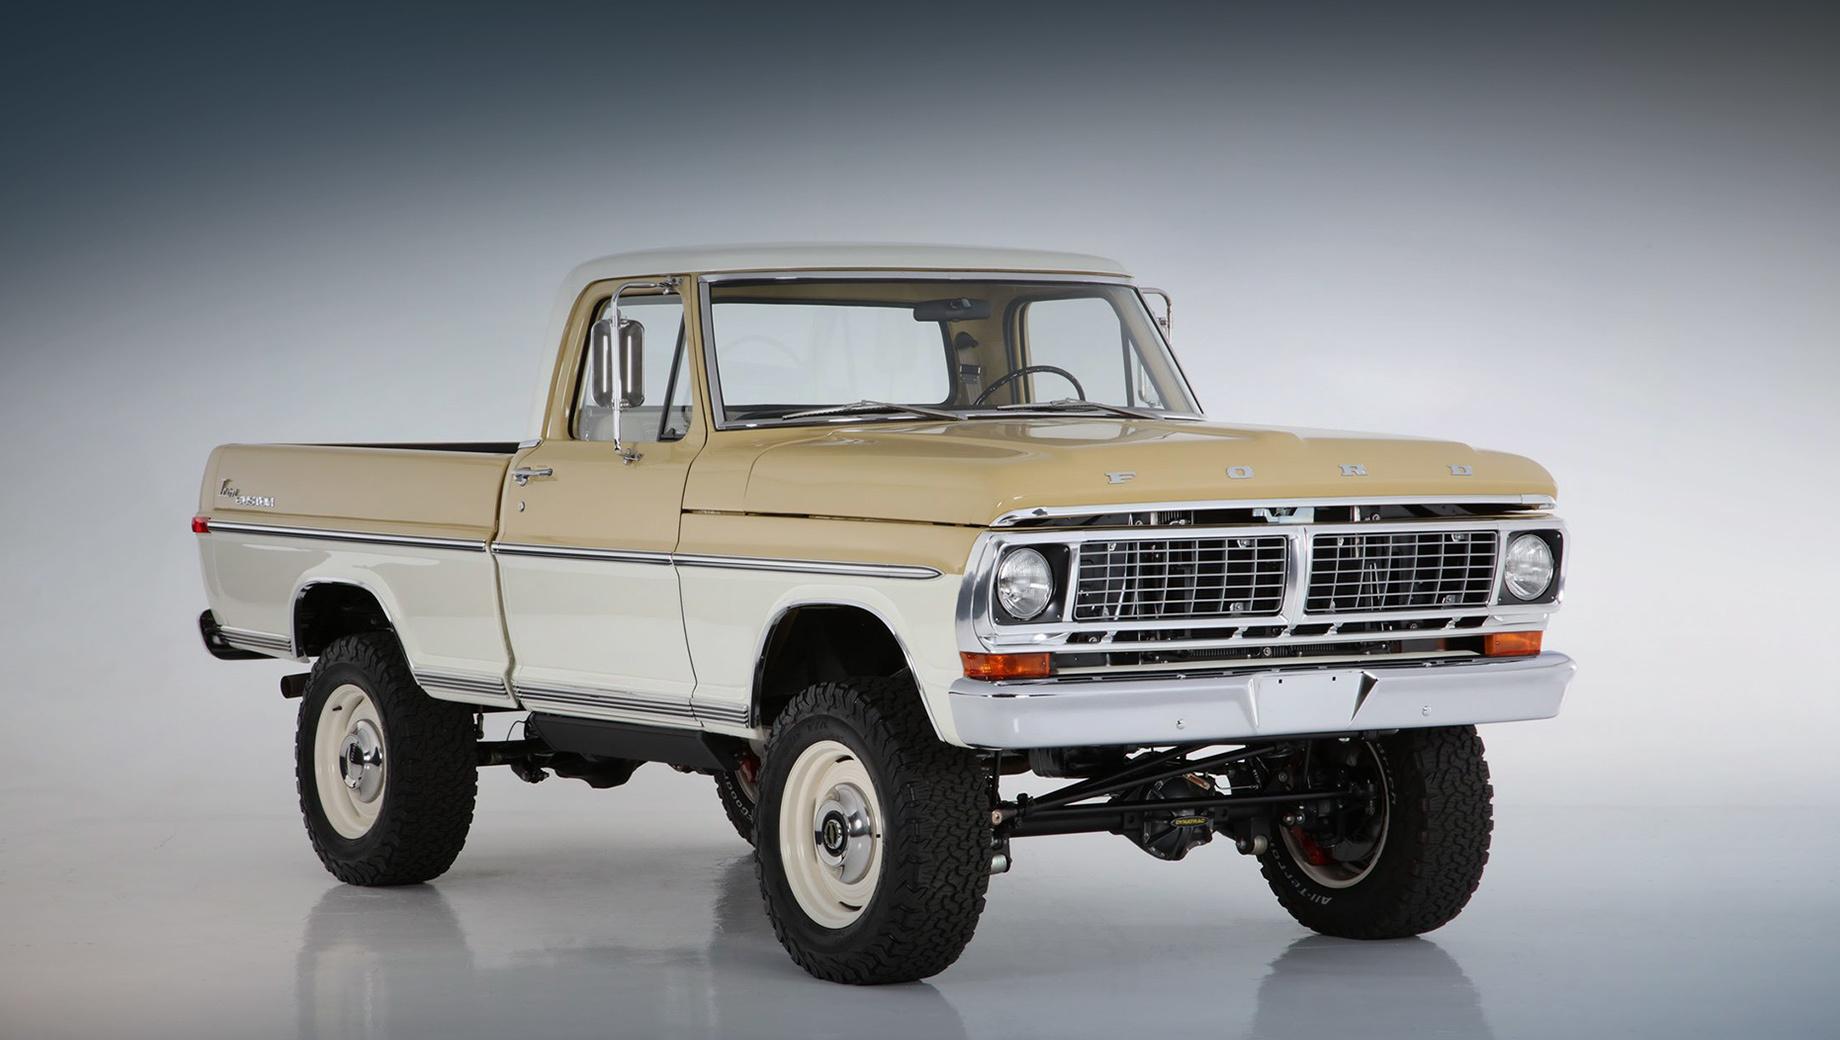 Ford f-100. Оригинальные колёса диаметром 15 дюймов заменены на 18-дюймовые, чтобы вместить новые тормоза. Кованые алюминиевые диски с оригинальными хромированными колпаками Ford укомплектованы шинами BF Goodrich A/T.